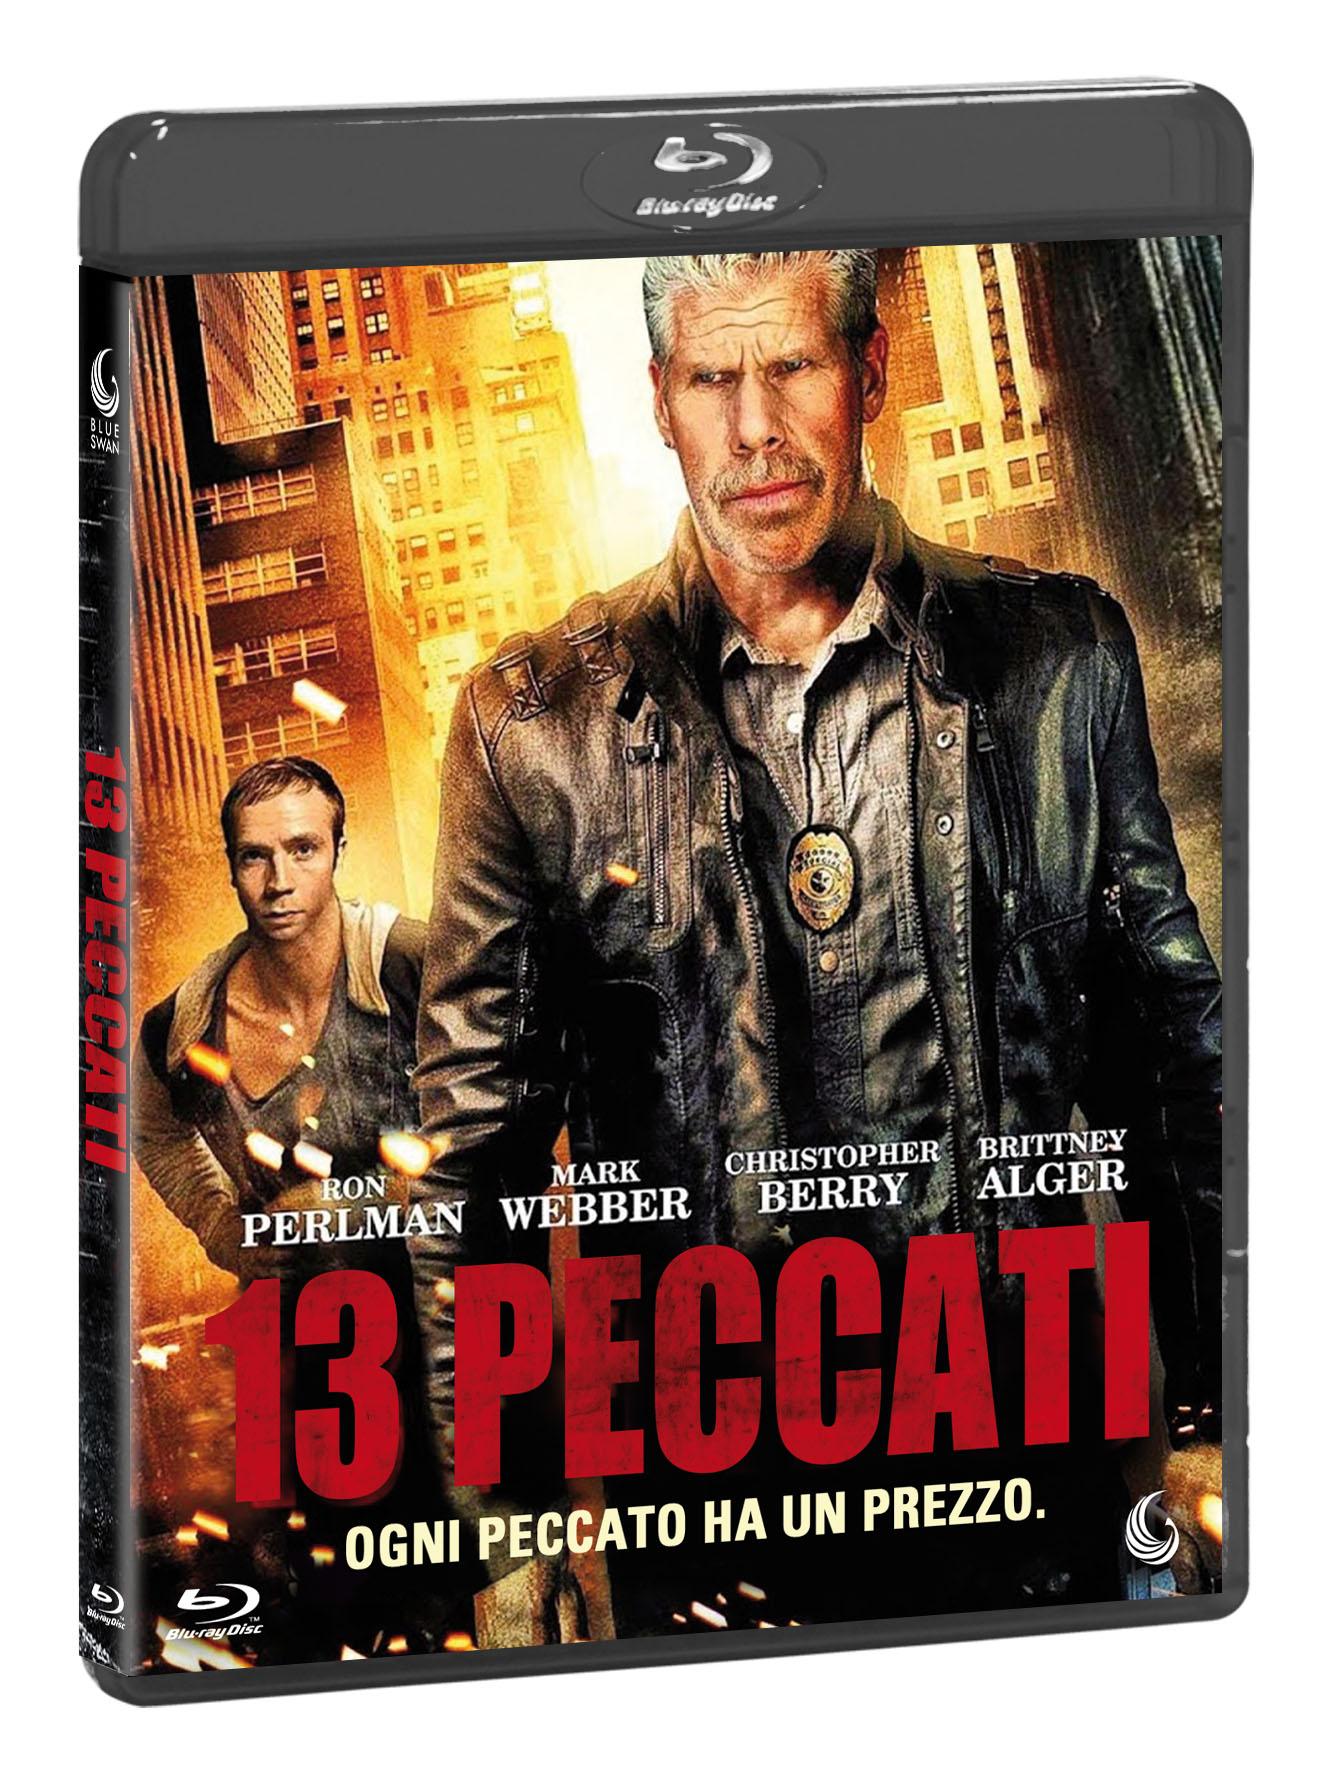 13 PECCATI - BLU RAY